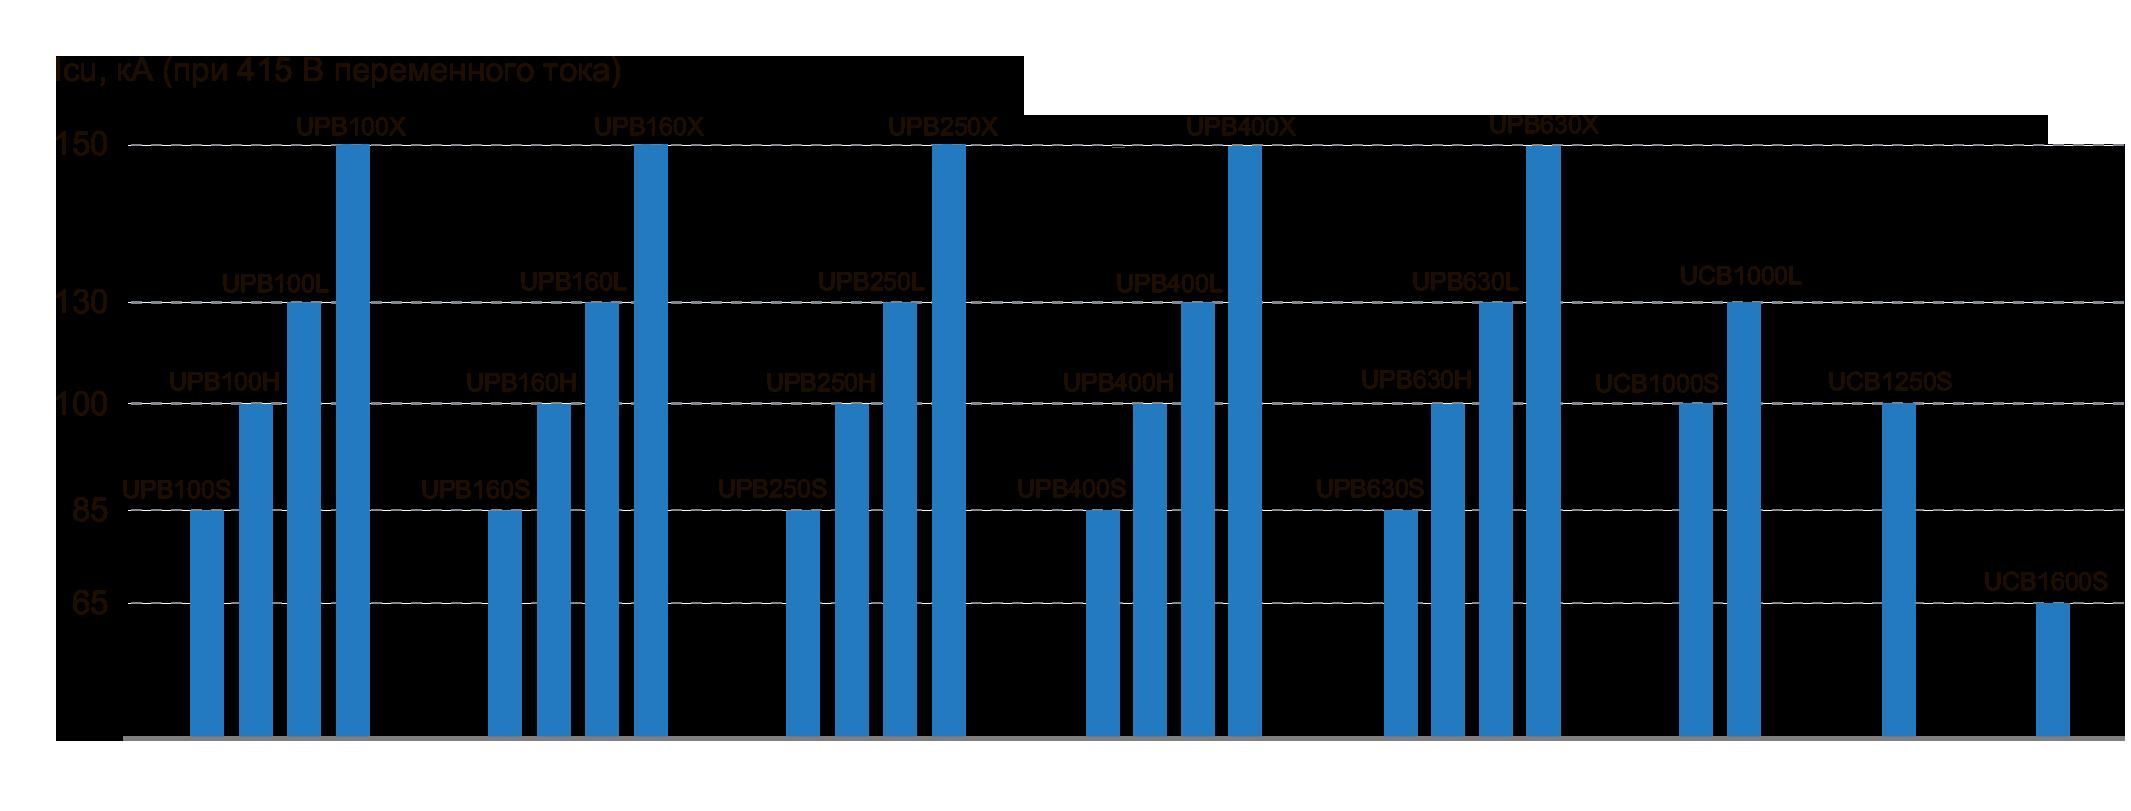 Модельный ряд автоматических выключателей ЧЭАЗ с электронным максимальным расцепителем